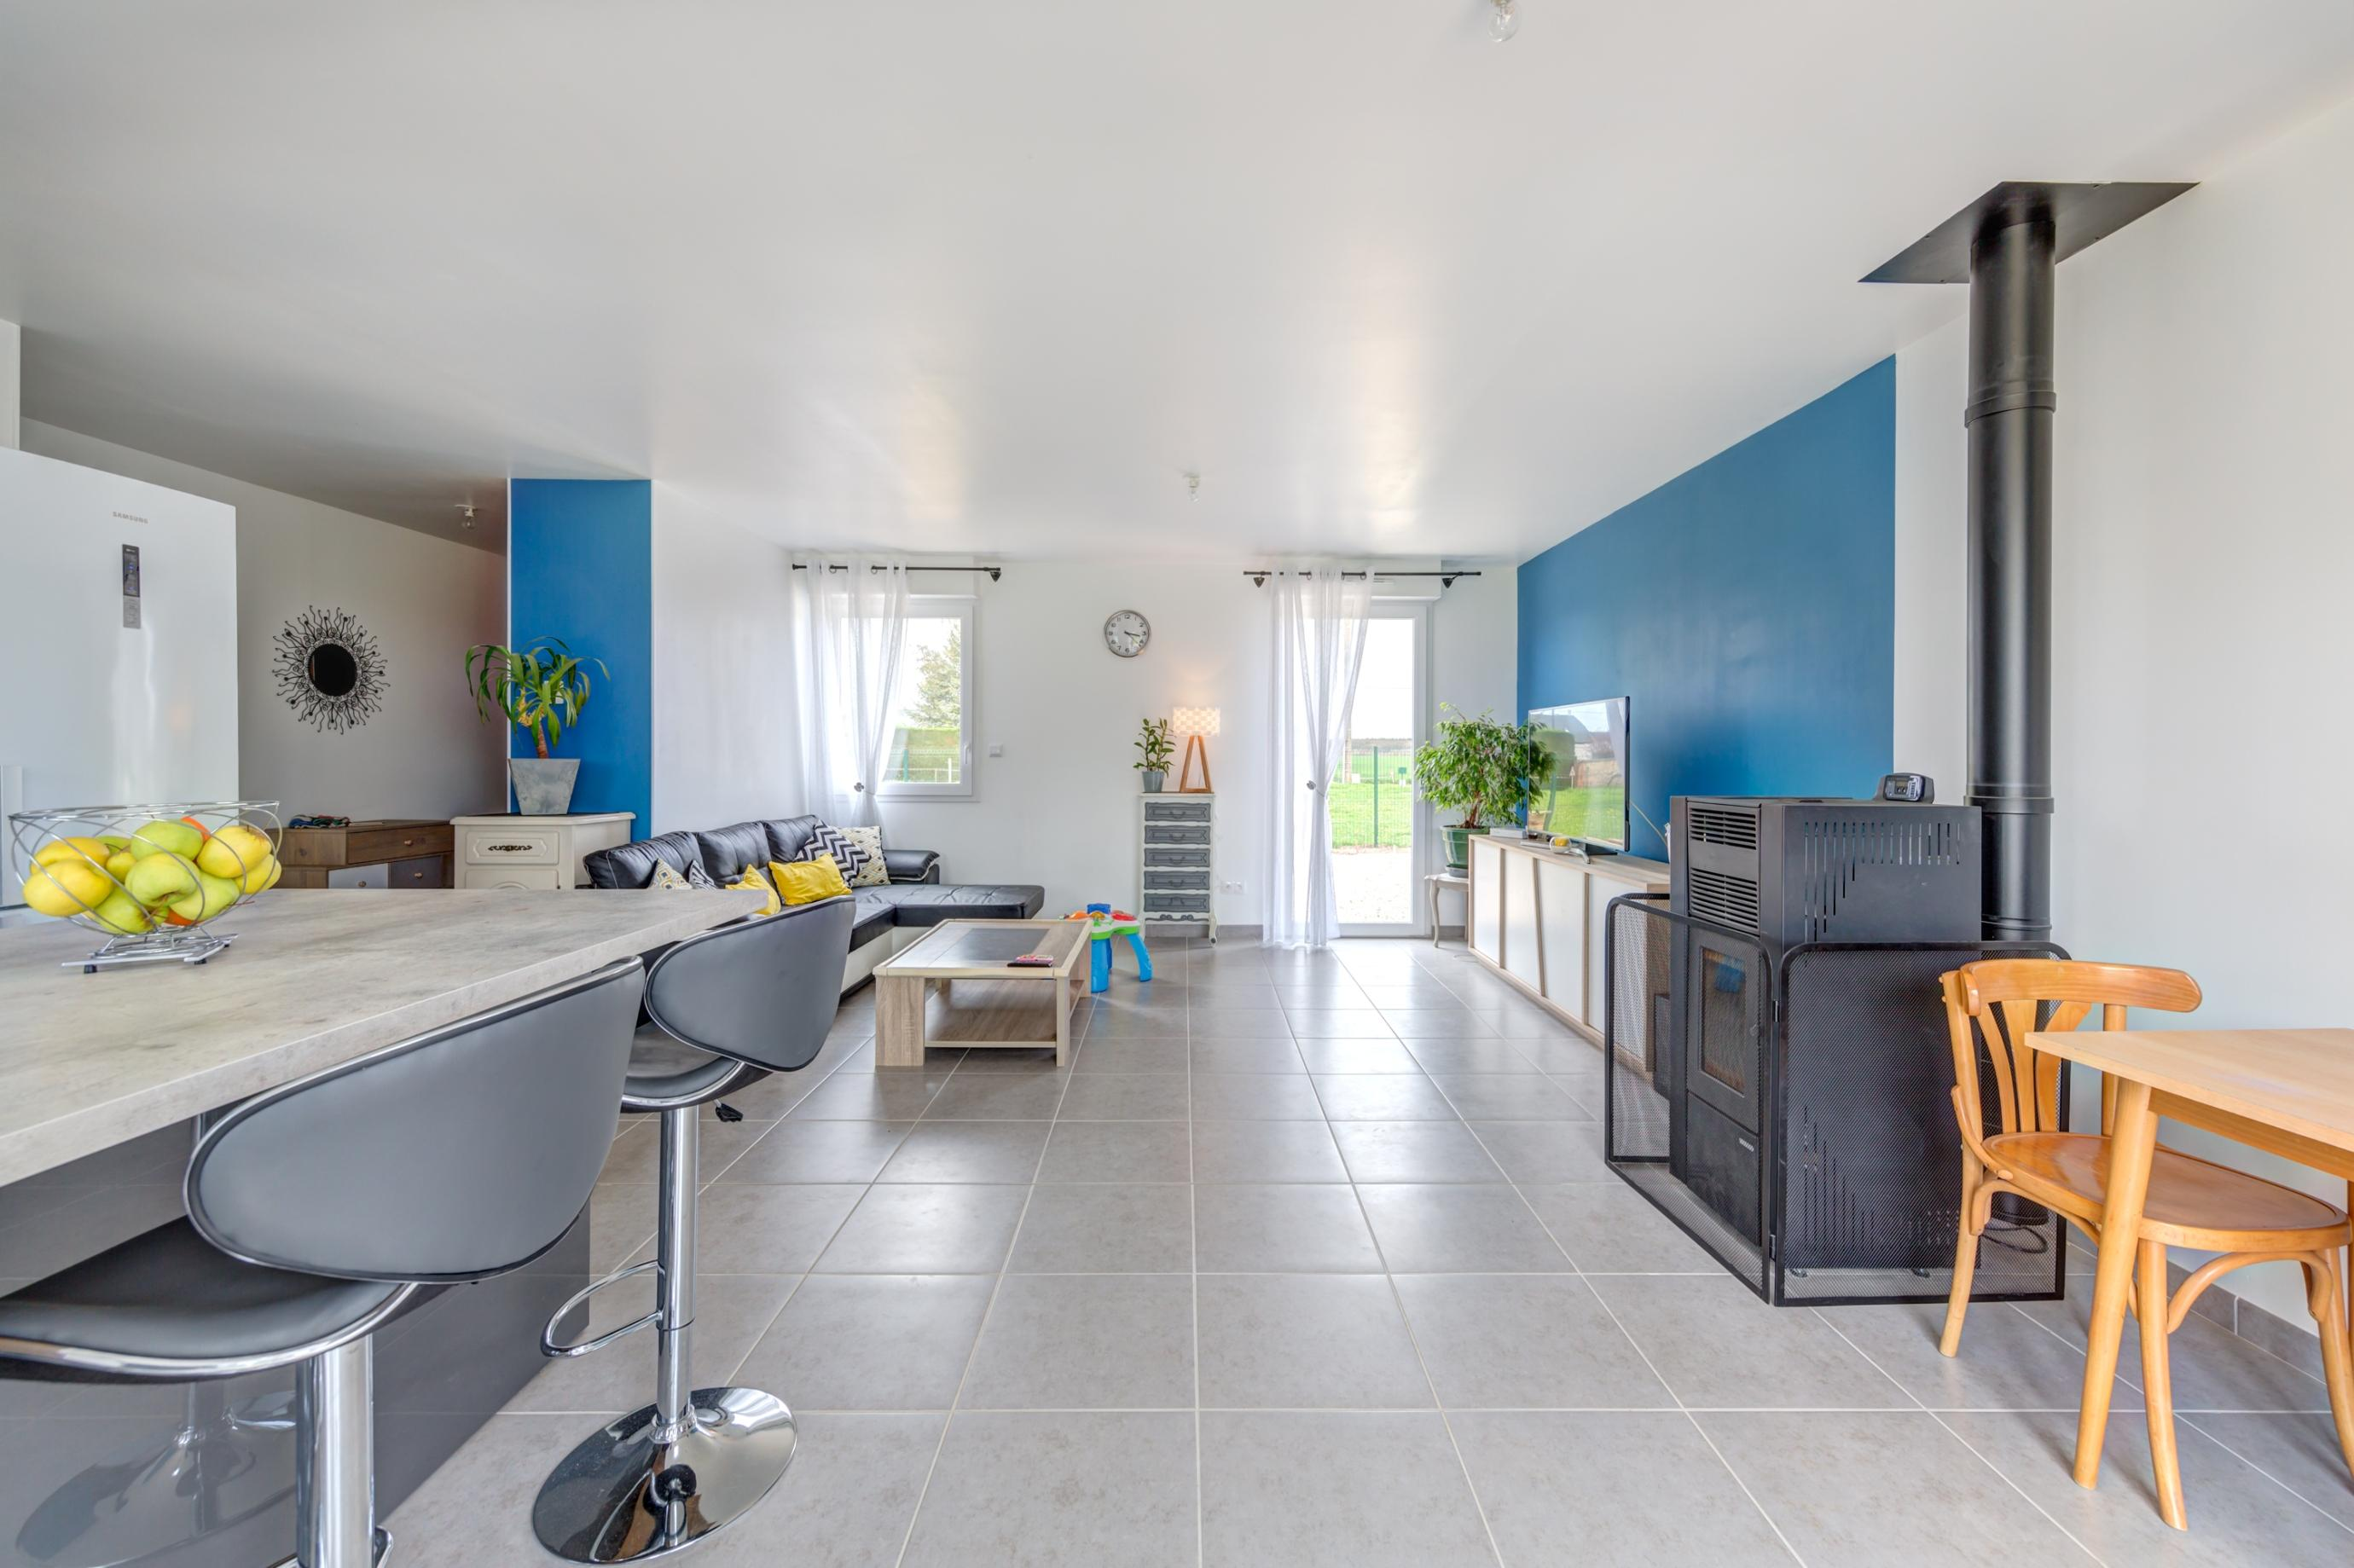 Maisons + Terrains du constructeur MAISONS PHENIX • 93 m² • FLERS SUR NOYE